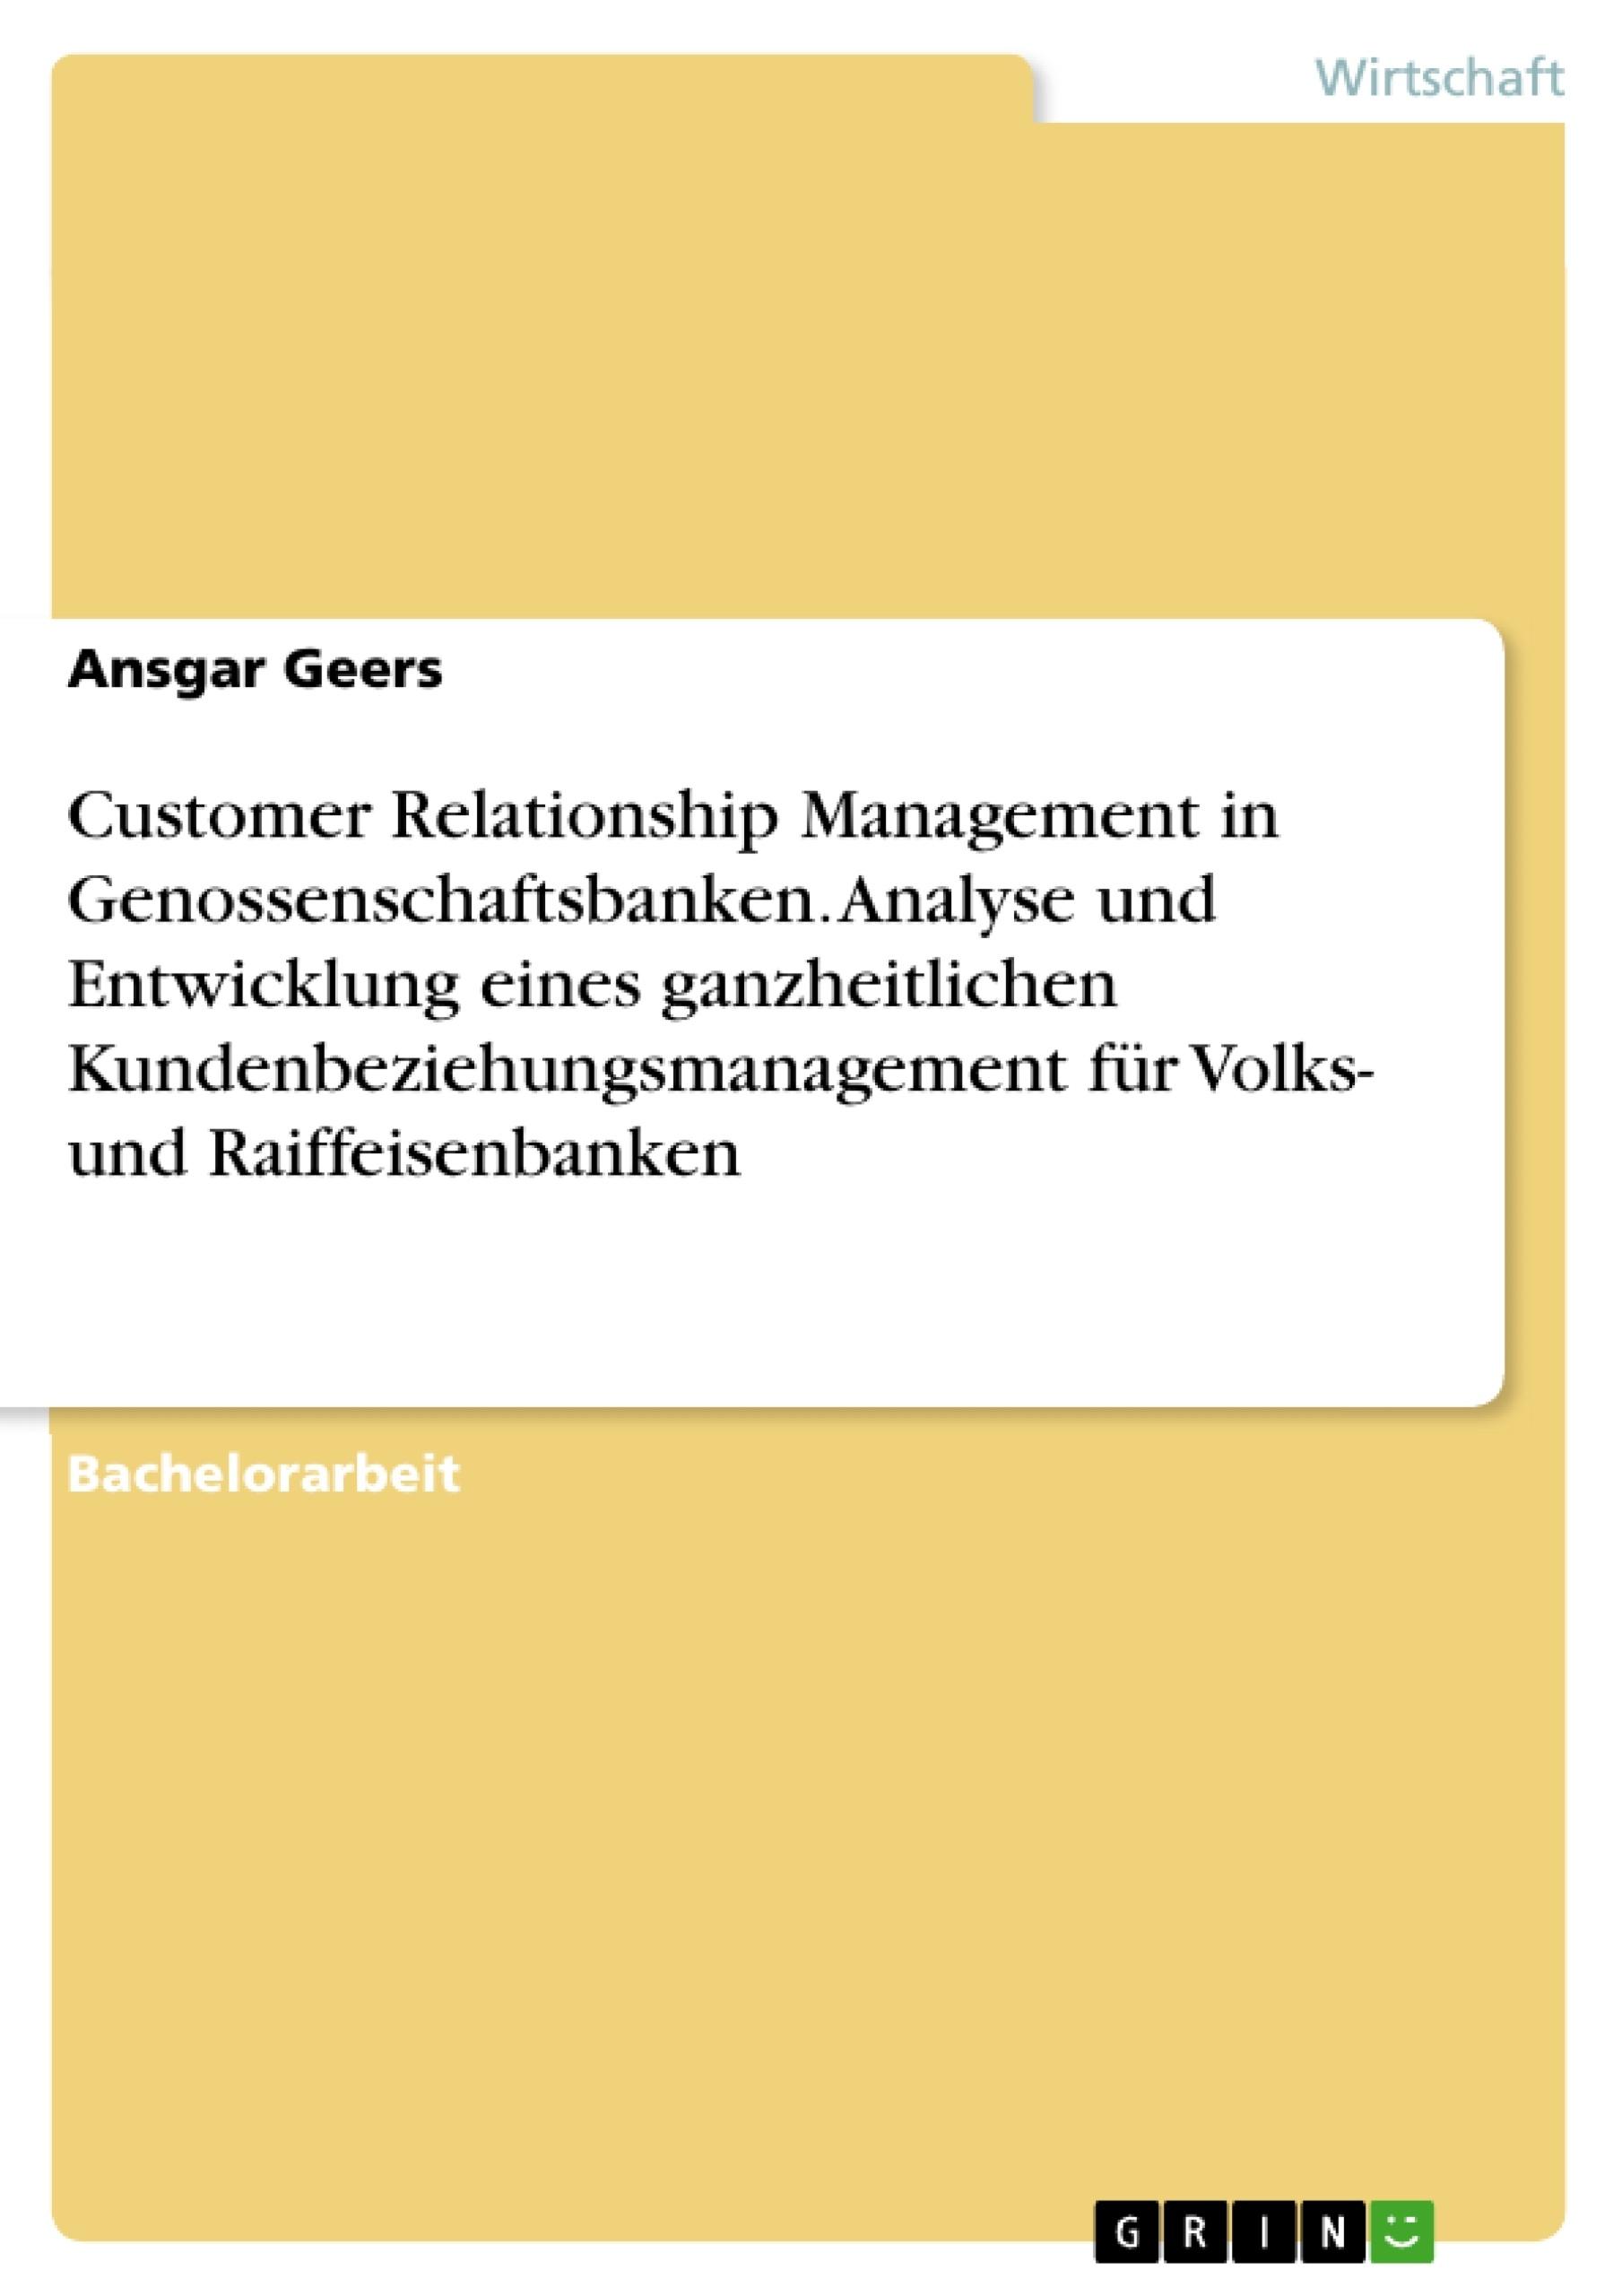 Titel: Customer Relationship Management in  Genossenschaftsbanken. Analyse und Entwicklung eines ganzheitlichen Kundenbeziehungsmanagement für  Volks- und Raiffeisenbanken